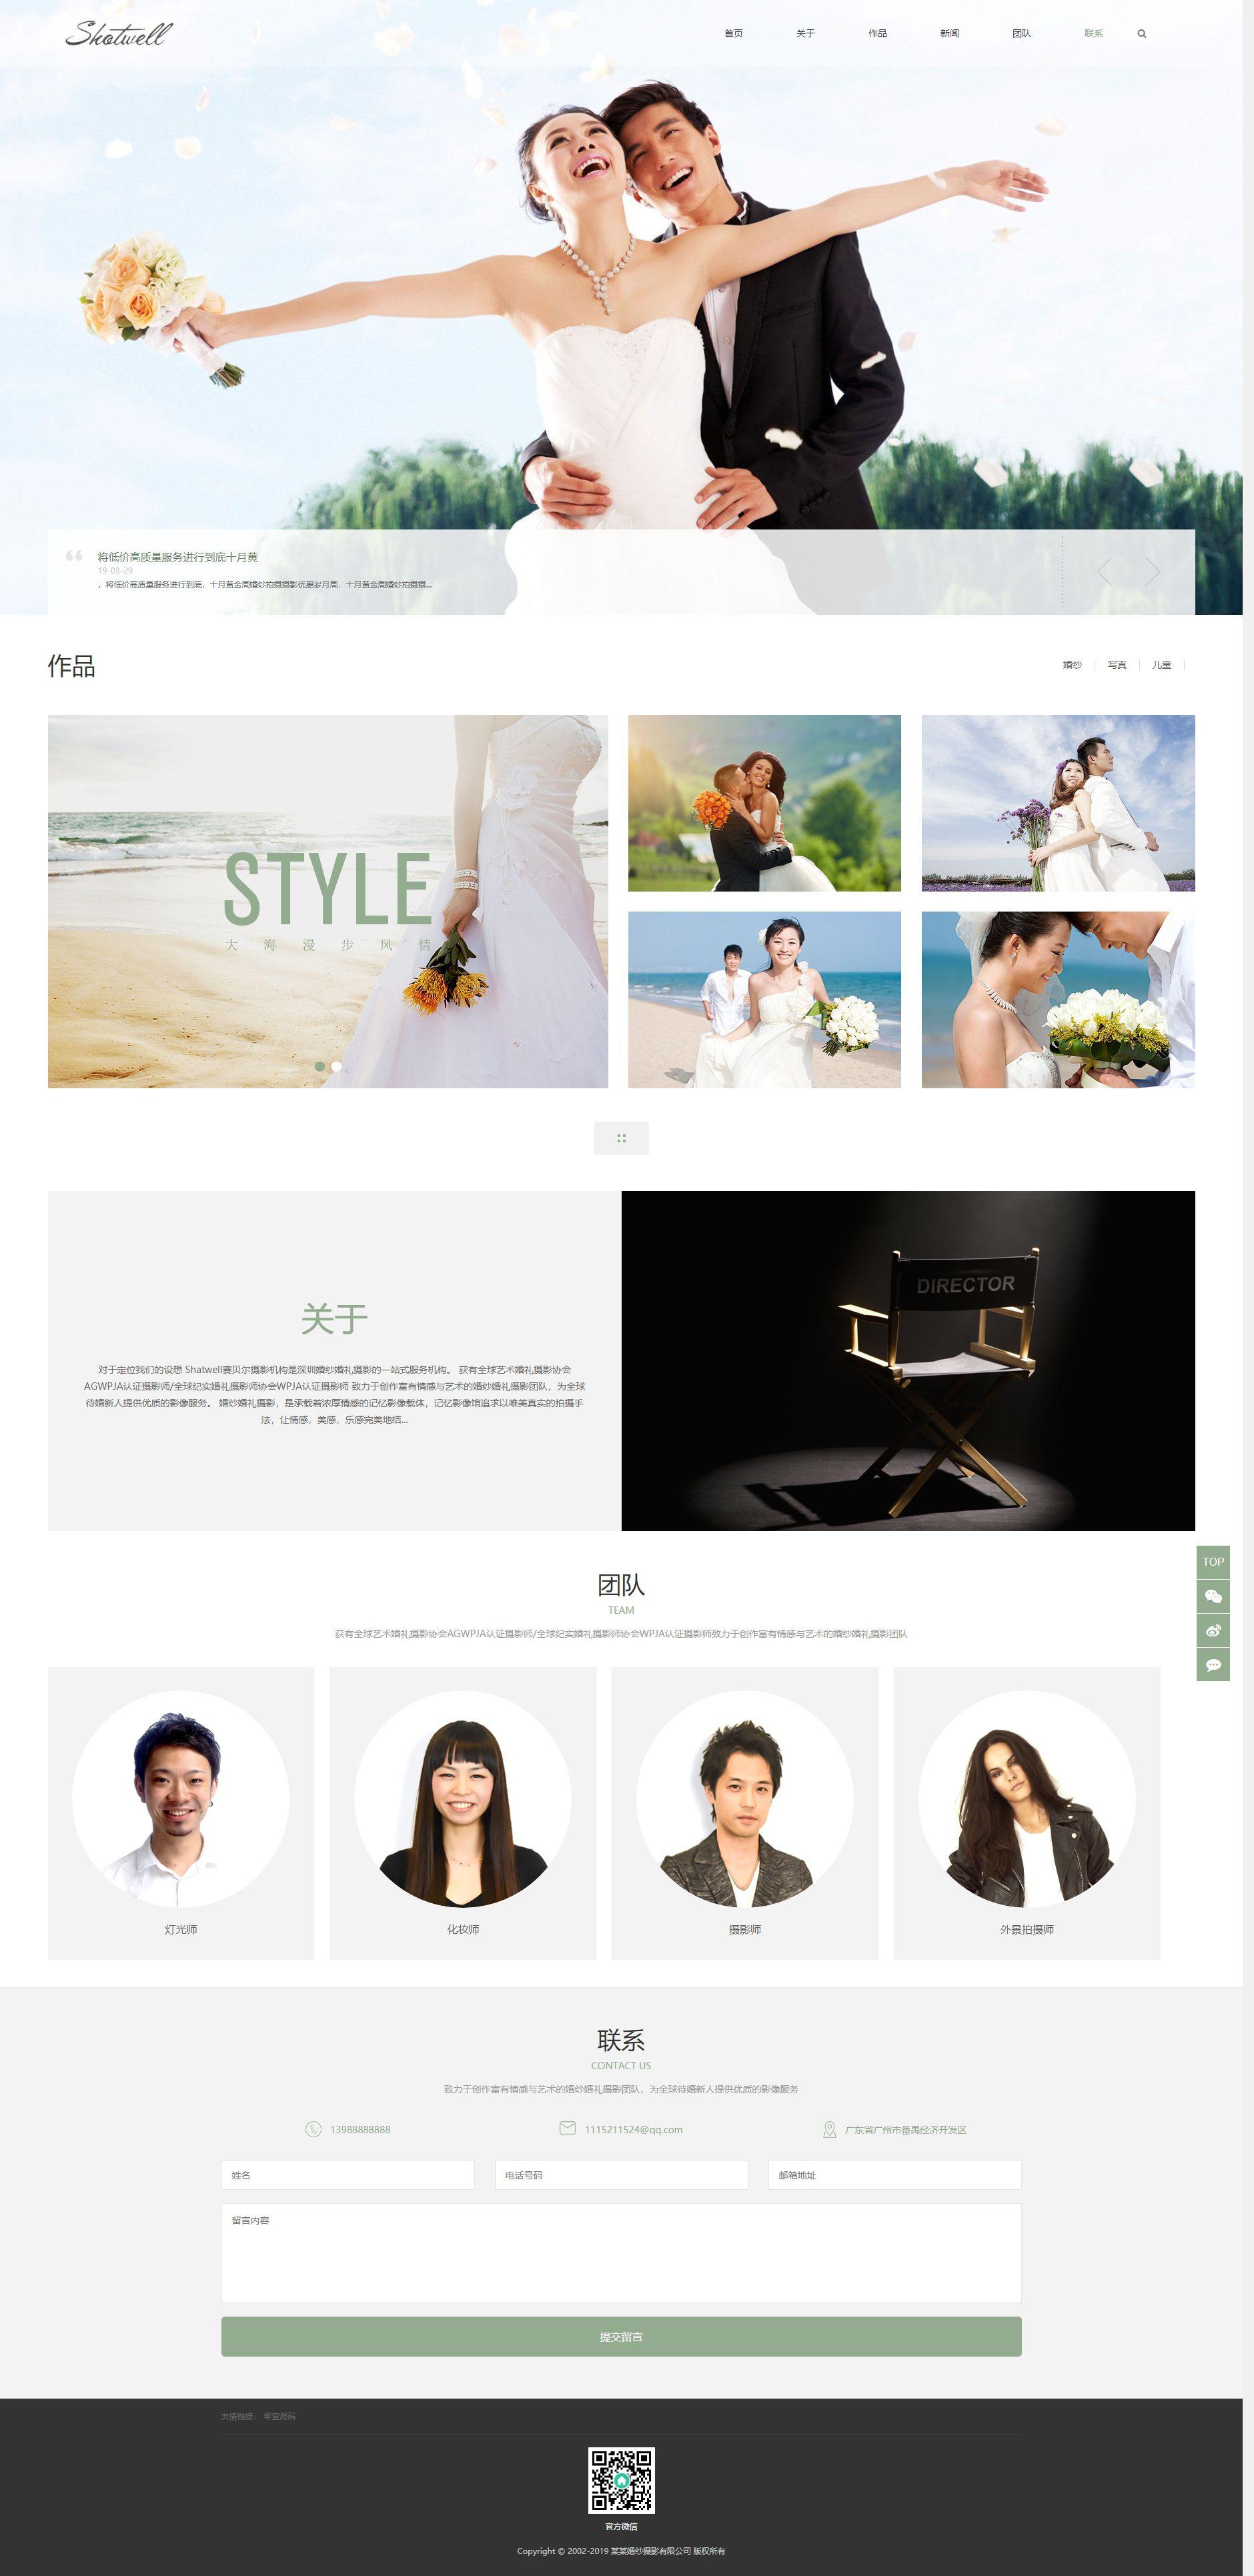 响应式婚纱照摄影类网站织梦dedecms模板(自适应手机端)